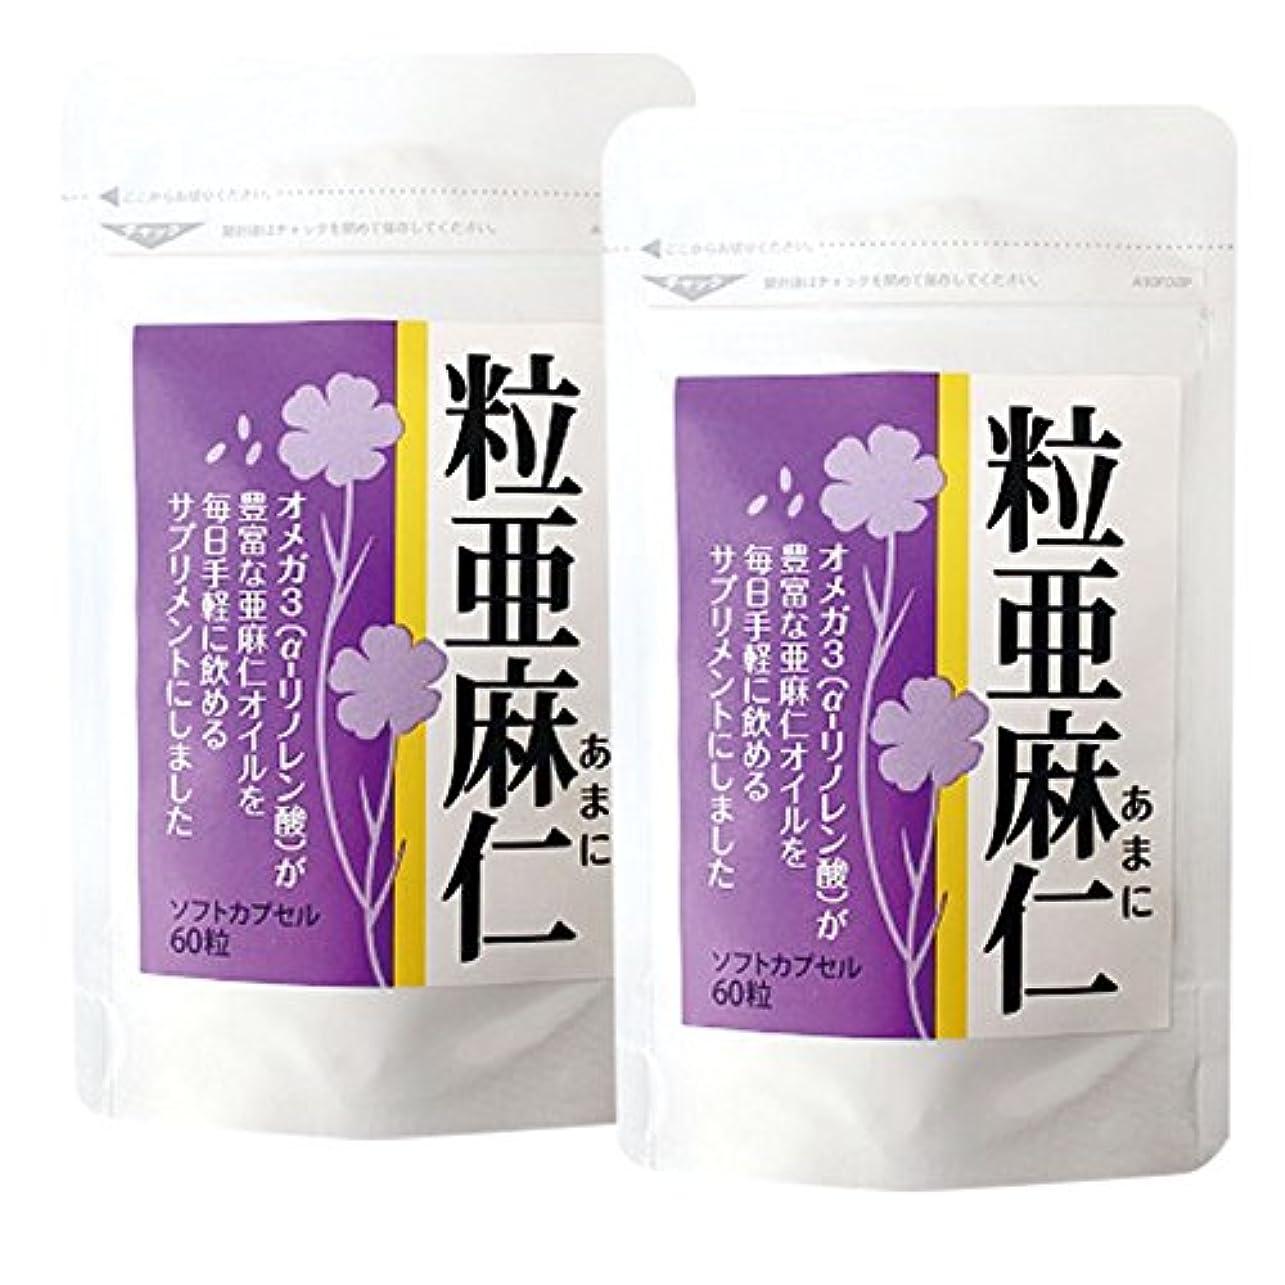 革命的手のひら醸造所粒亜麻仁(60粒)×2袋セット